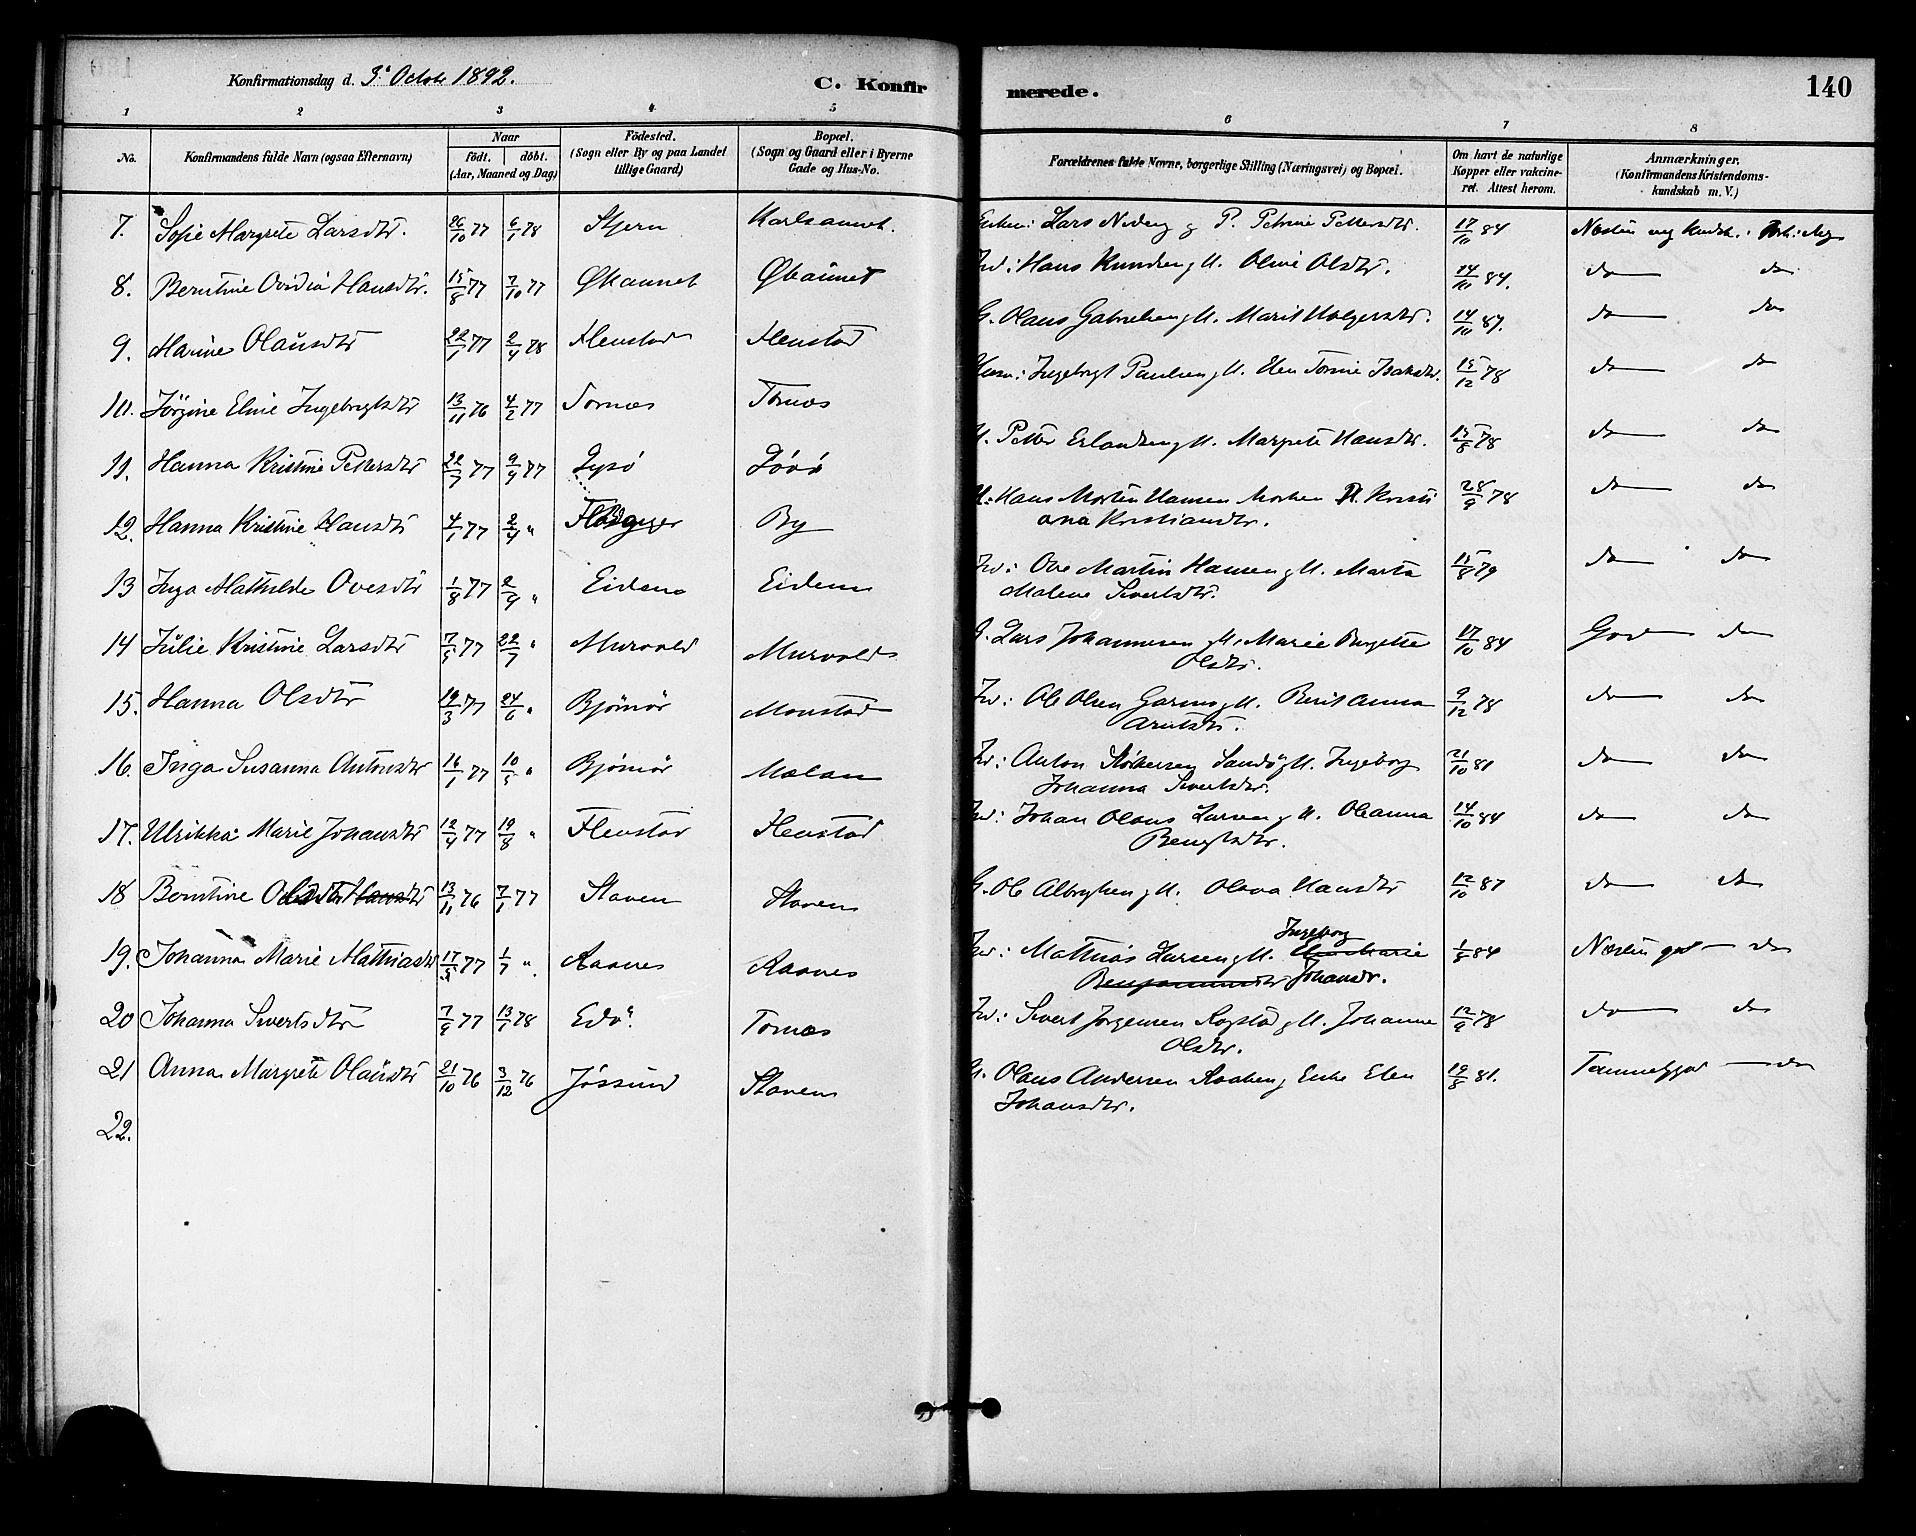 SAT, Ministerialprotokoller, klokkerbøker og fødselsregistre - Sør-Trøndelag, 655/L0680: Ministerialbok nr. 655A09, 1880-1894, s. 140